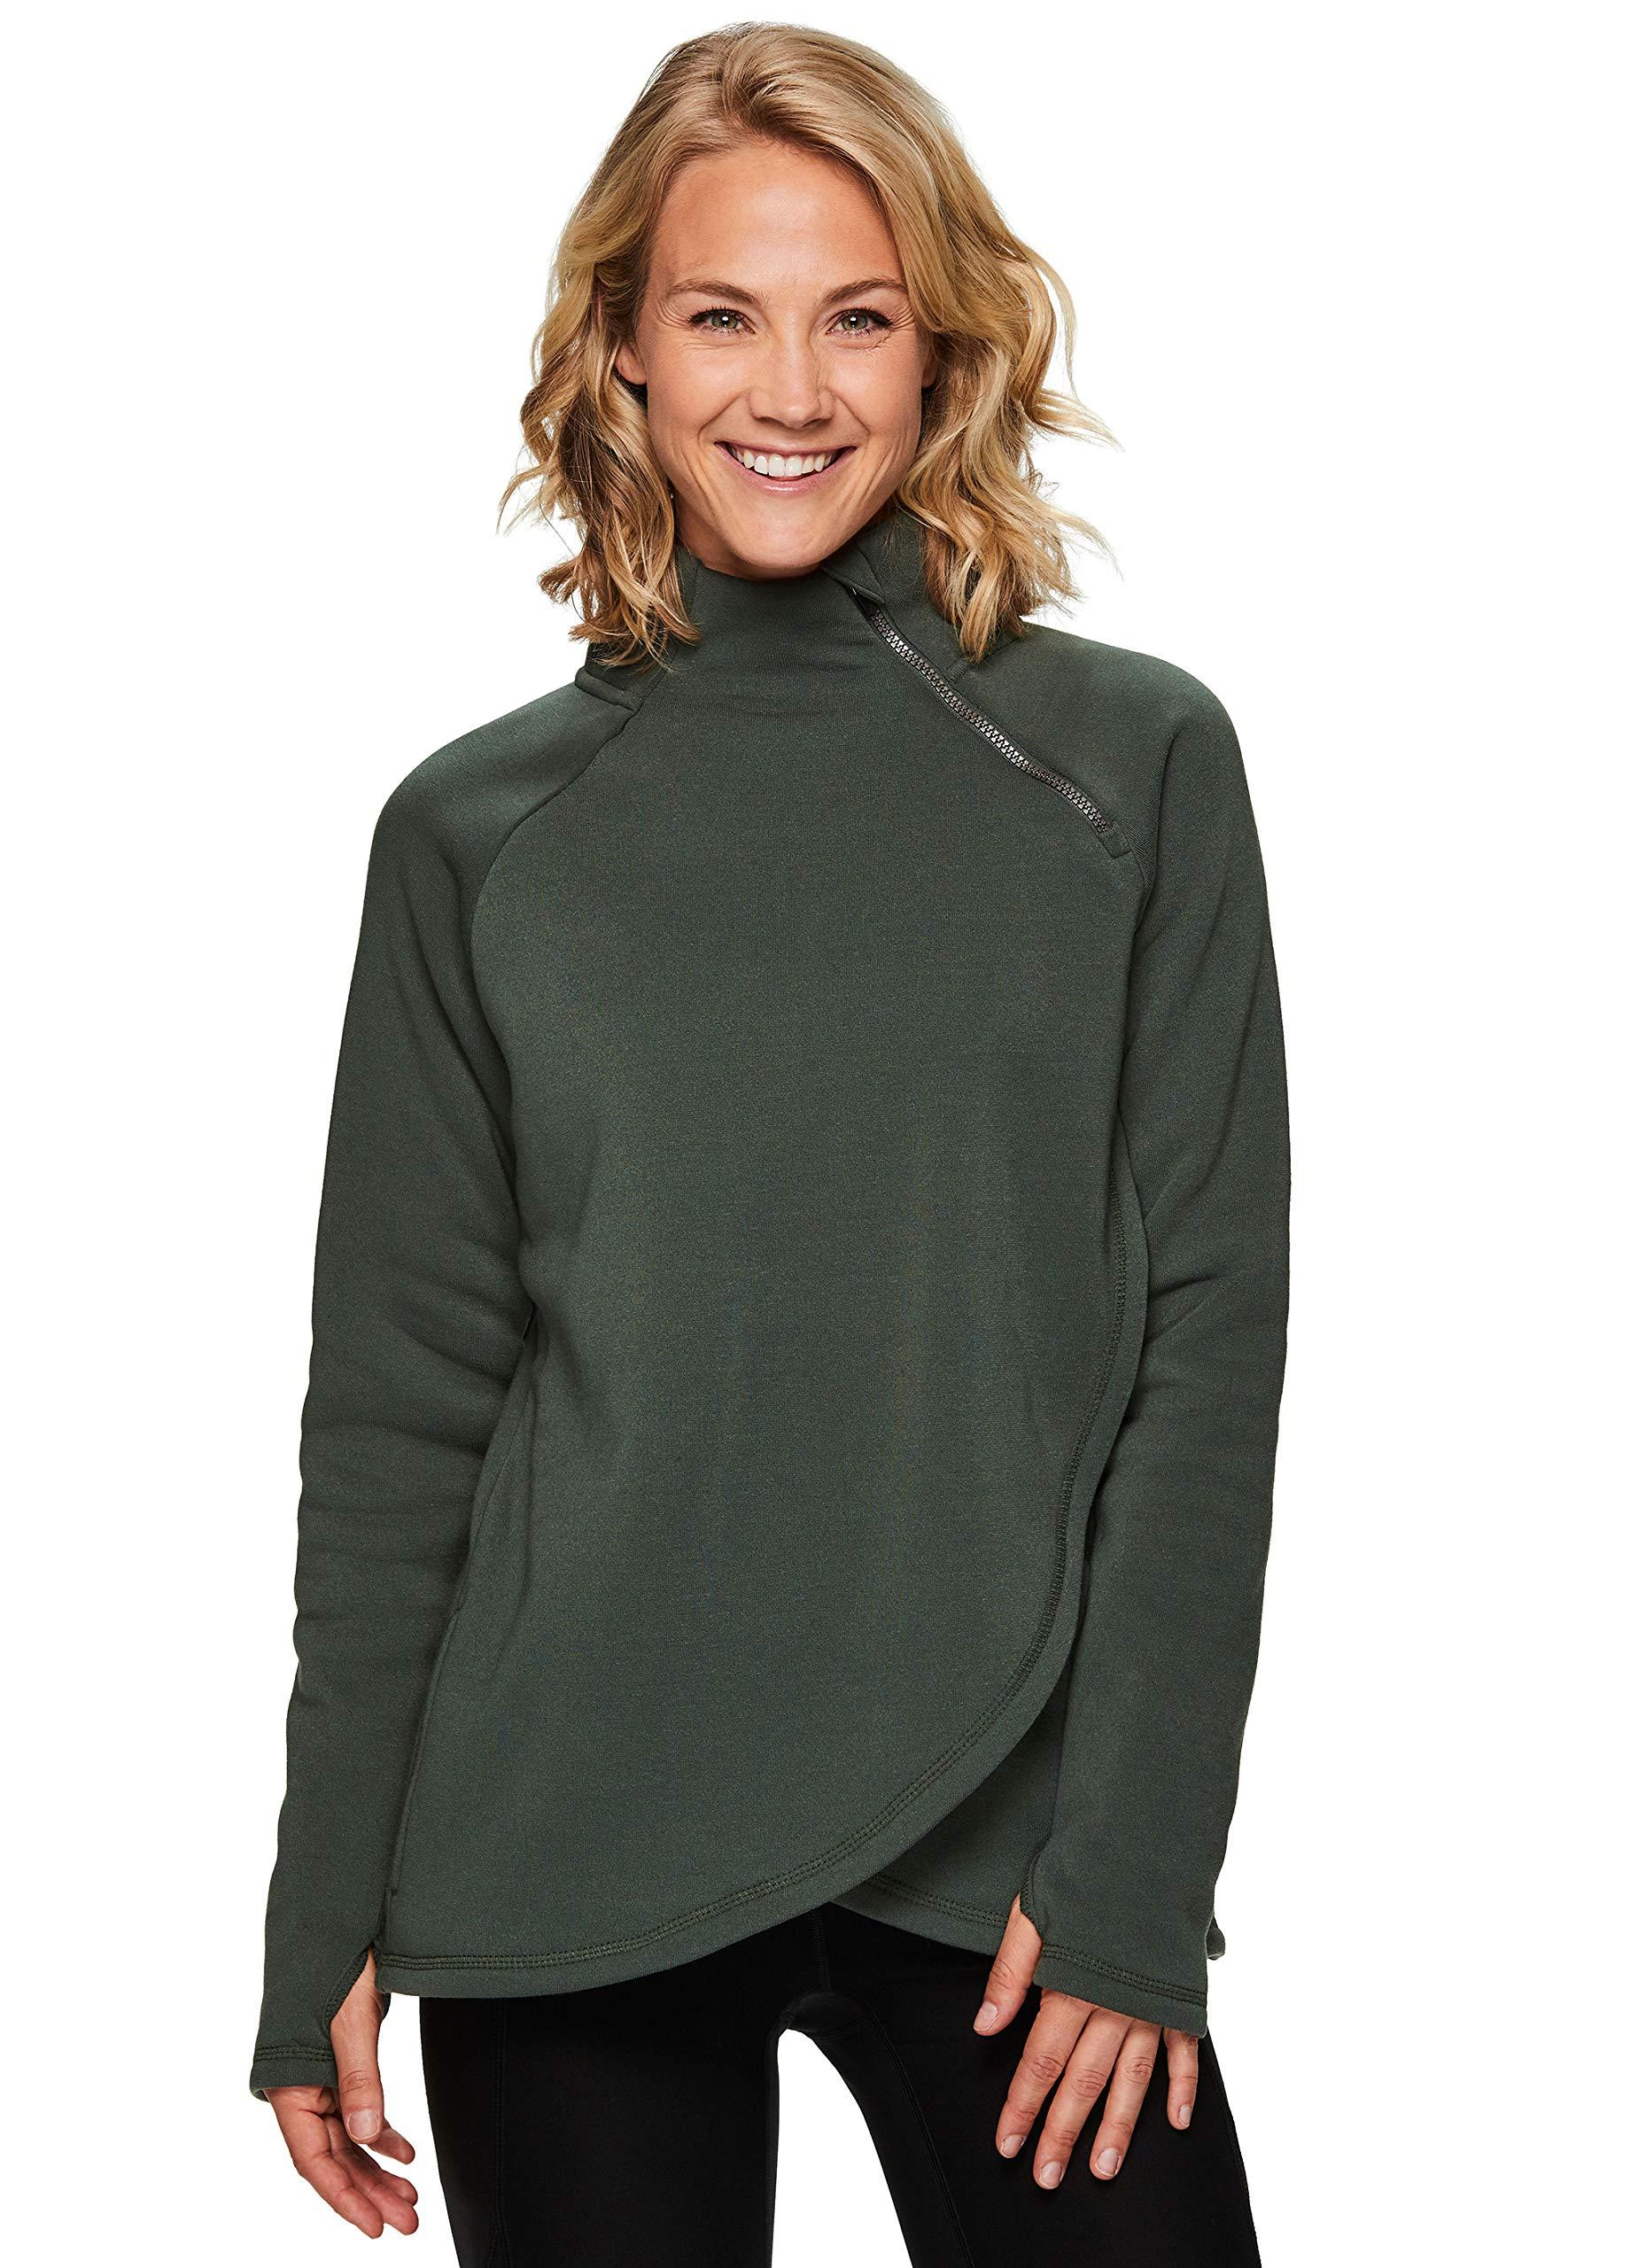 RBX Active Women's Zip Mock Neck Long Sleeve Fleece Pullover Sweatshirt F19 Olive Green M by RBX